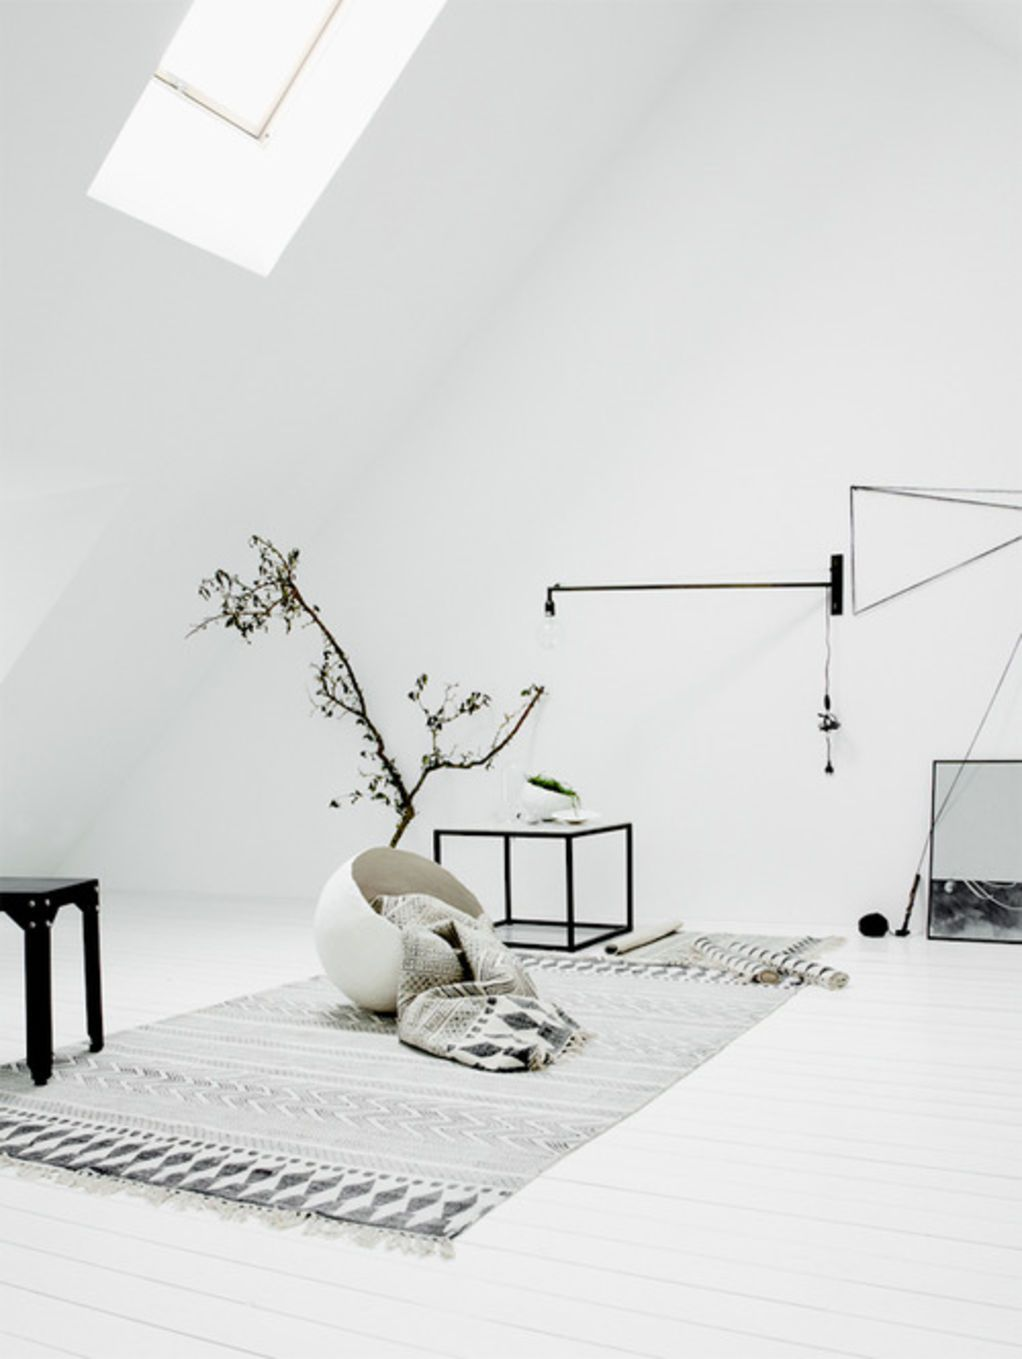 28 Examples Of Minimal Interior Design 28